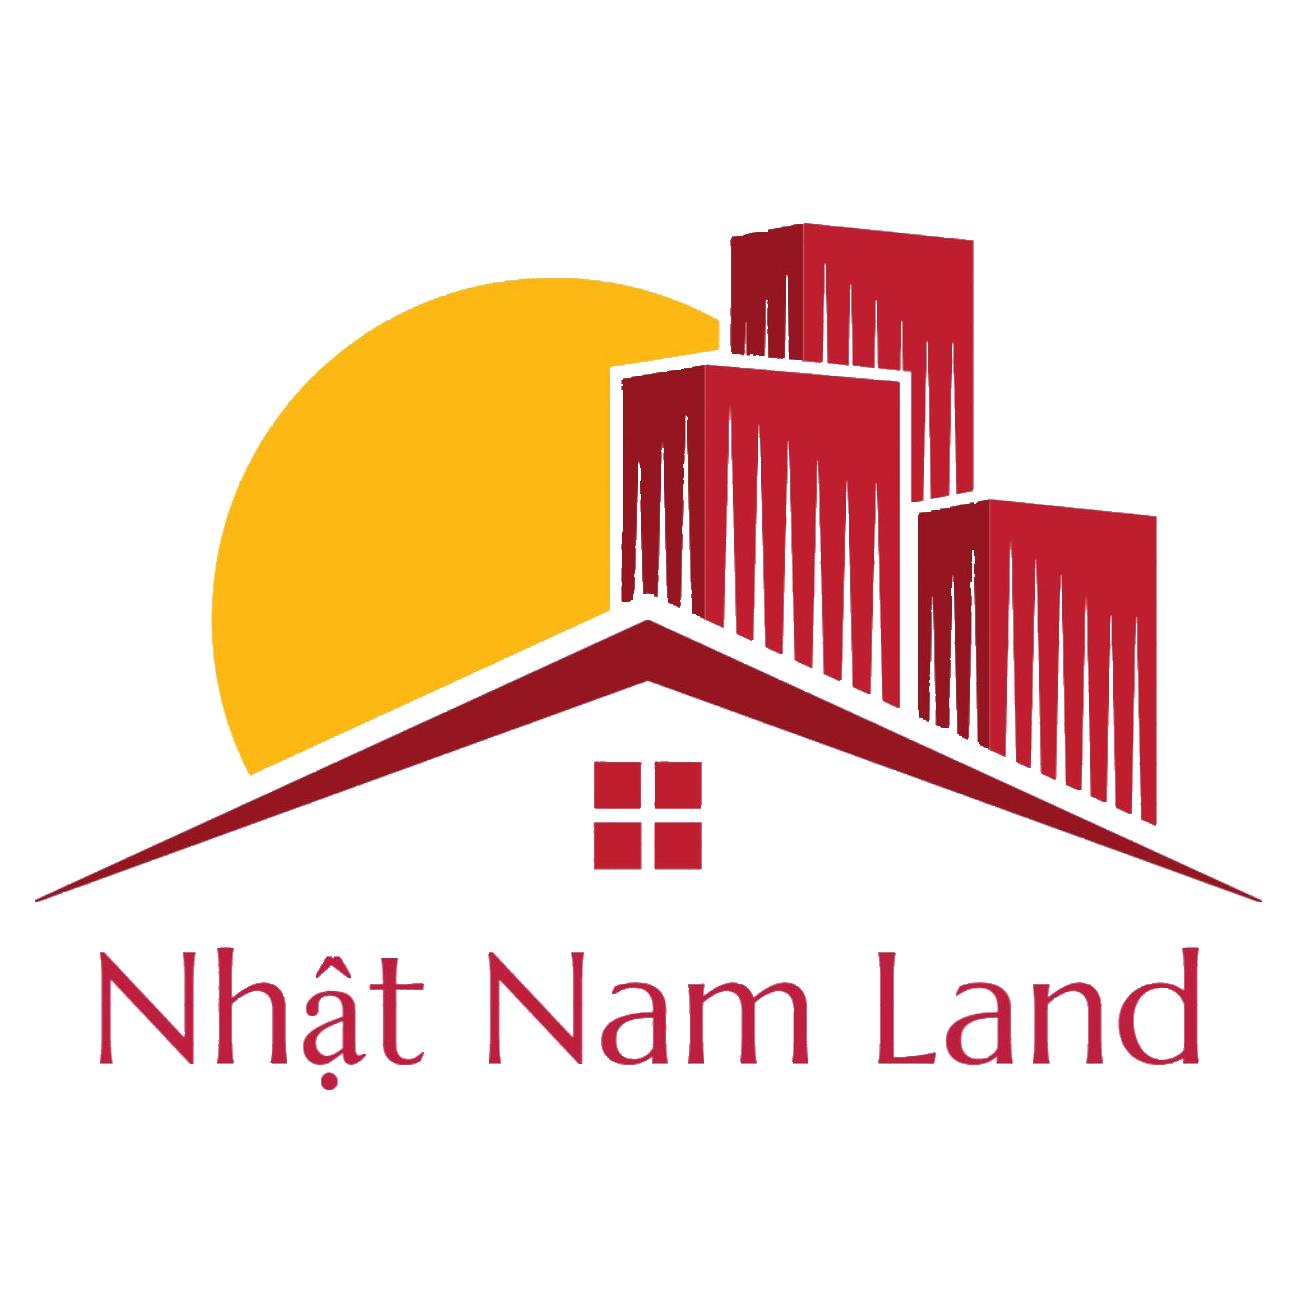 Nhật Nam Land